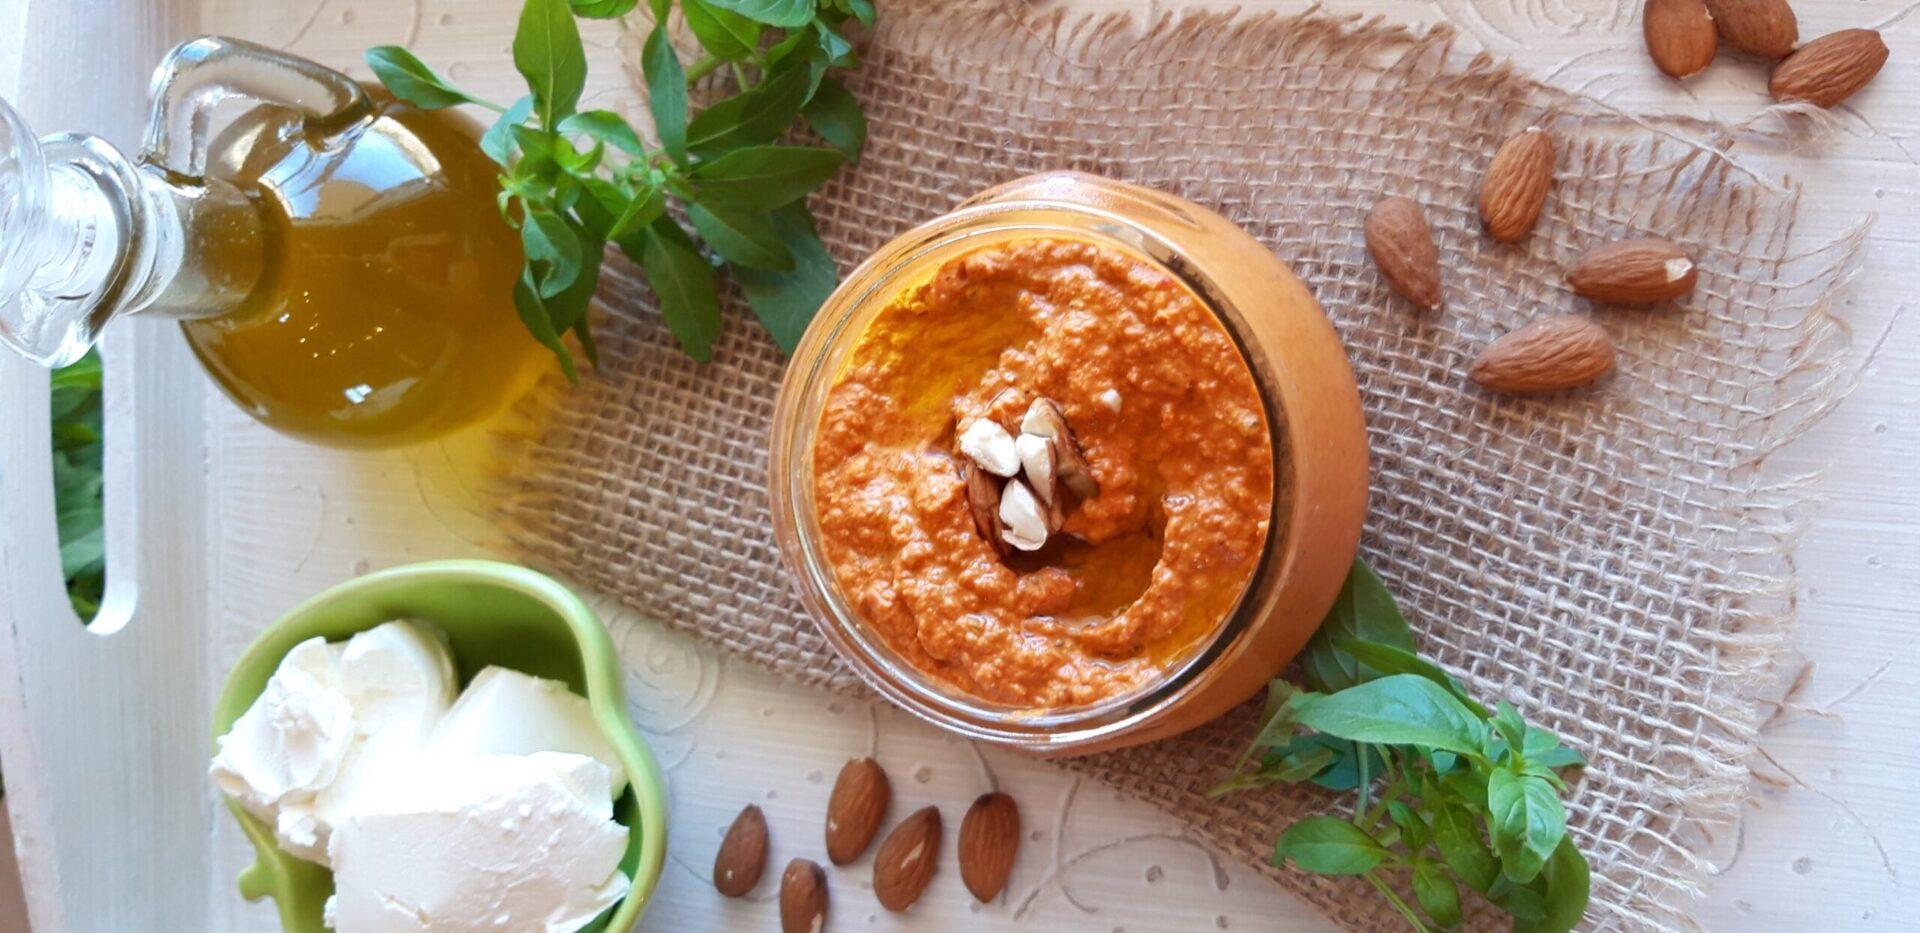 Pesto πιπεριάς Φλωρίνης με αμυγδαλοβούτυρο